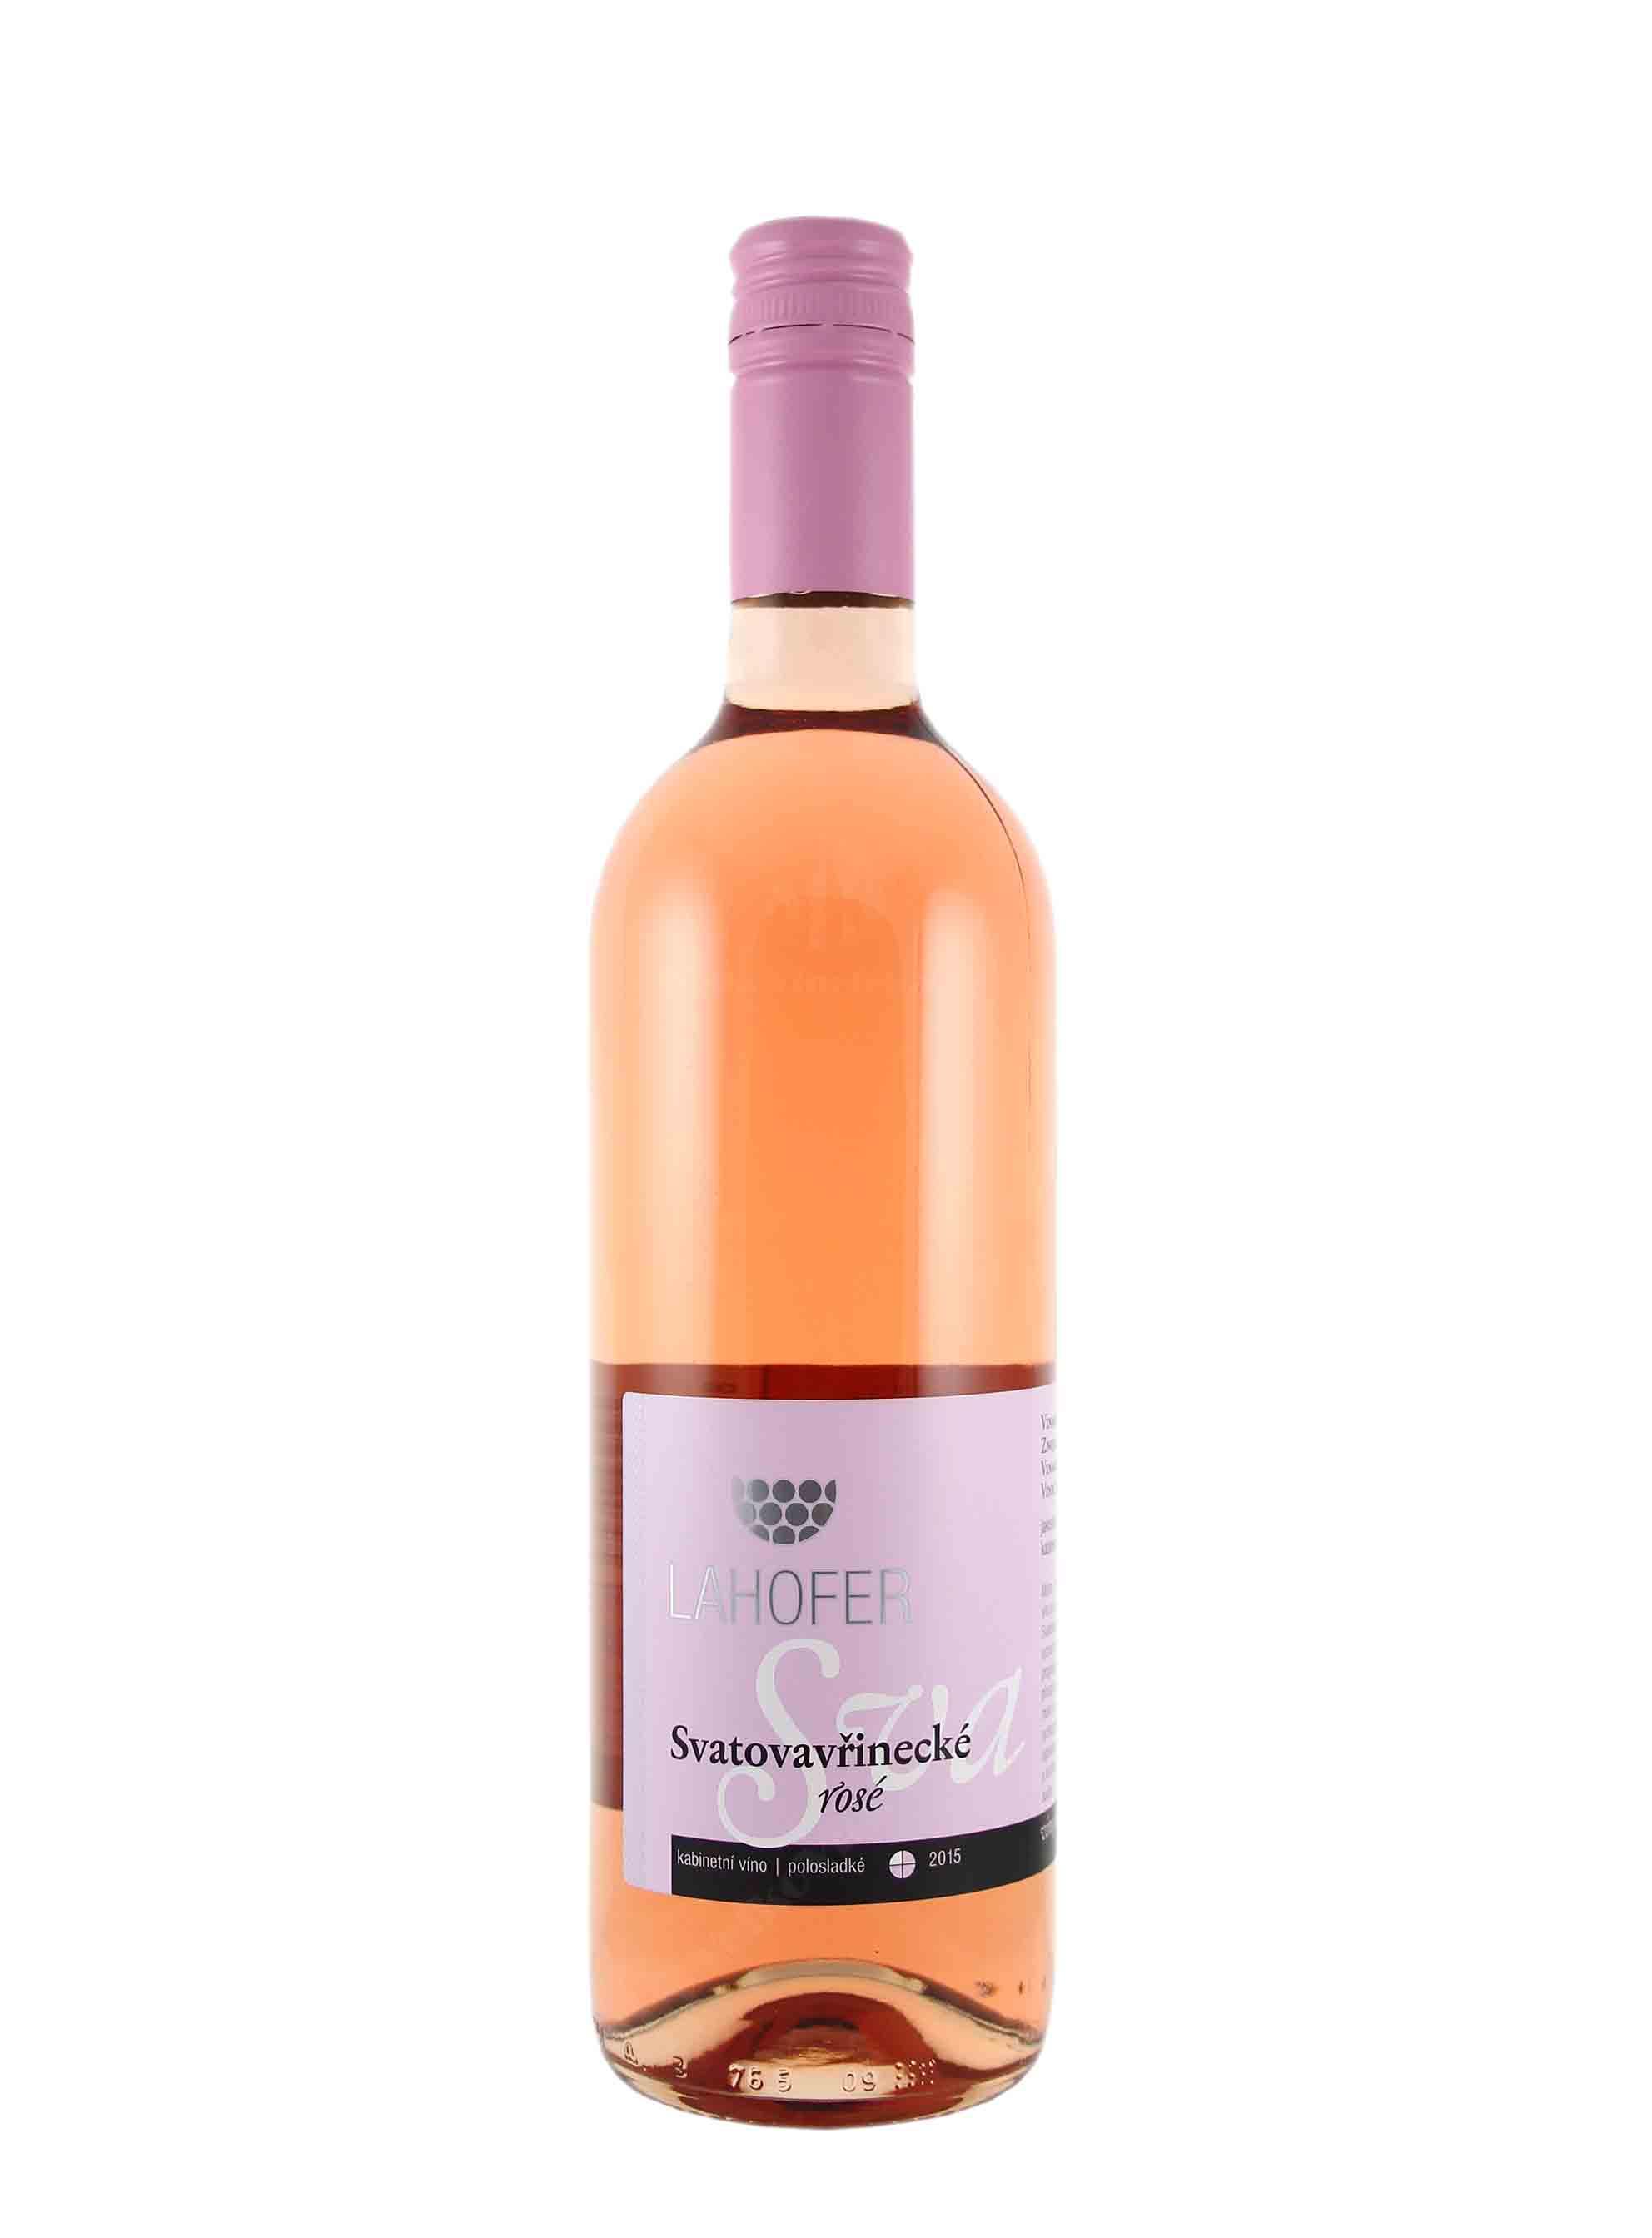 Svatovavřinecké, Kabinet, 2015, Vinařství Lahofer, 0.75 l